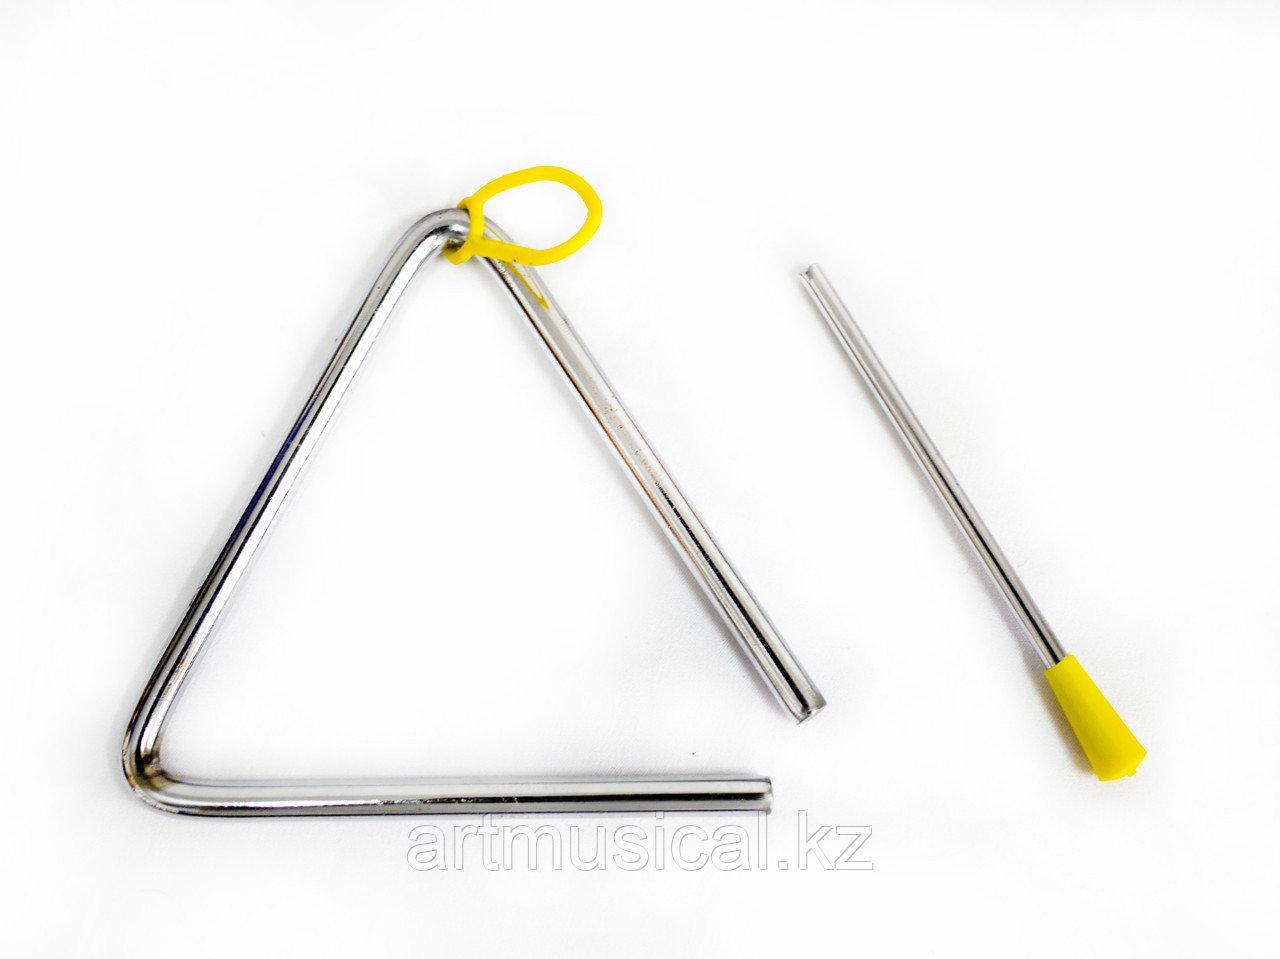 Копия Үшбұрыш (Треугольник средний)